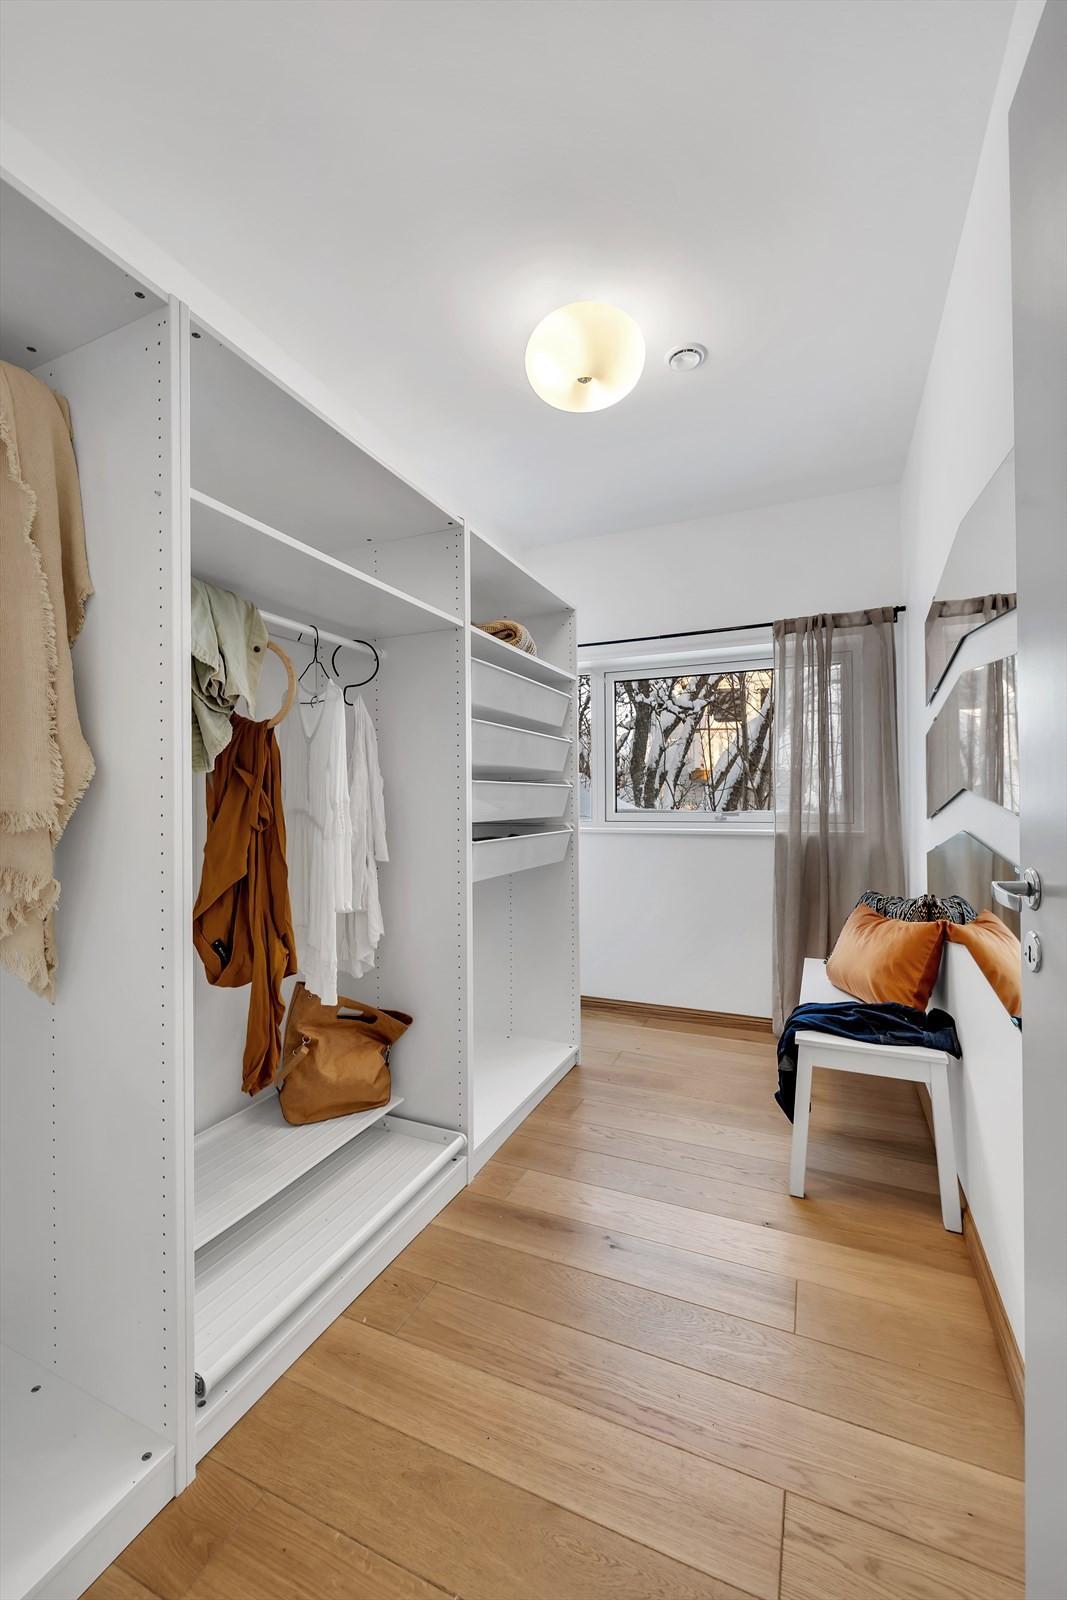 Soverom 4 er innredet som stor walk-in garderobe